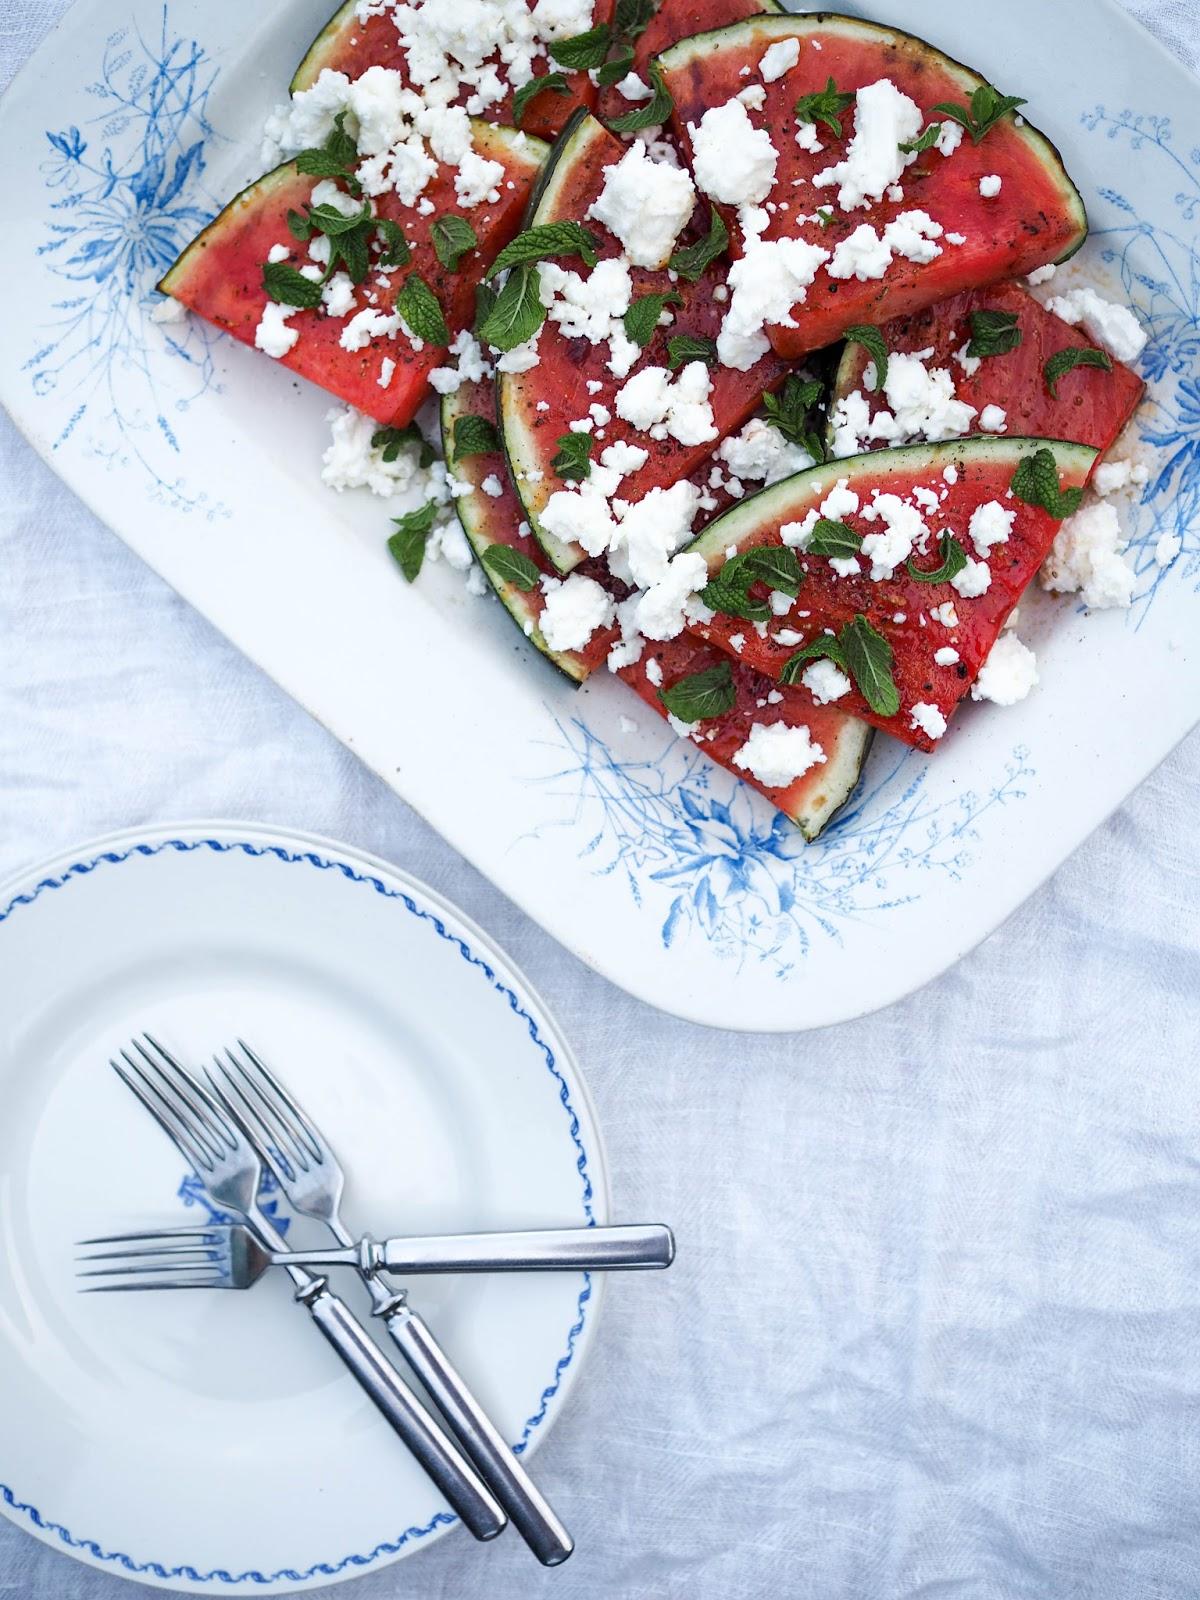 Grillatun vesimelonin lisukkeet, grillatut hedelmät, hedelmien grillaaminen, Grillattua melonia, minttua ja fetaa, lomaruokaa, helppoa lomaruokaa, grillattua vesimelonia, minttua ja fetaa